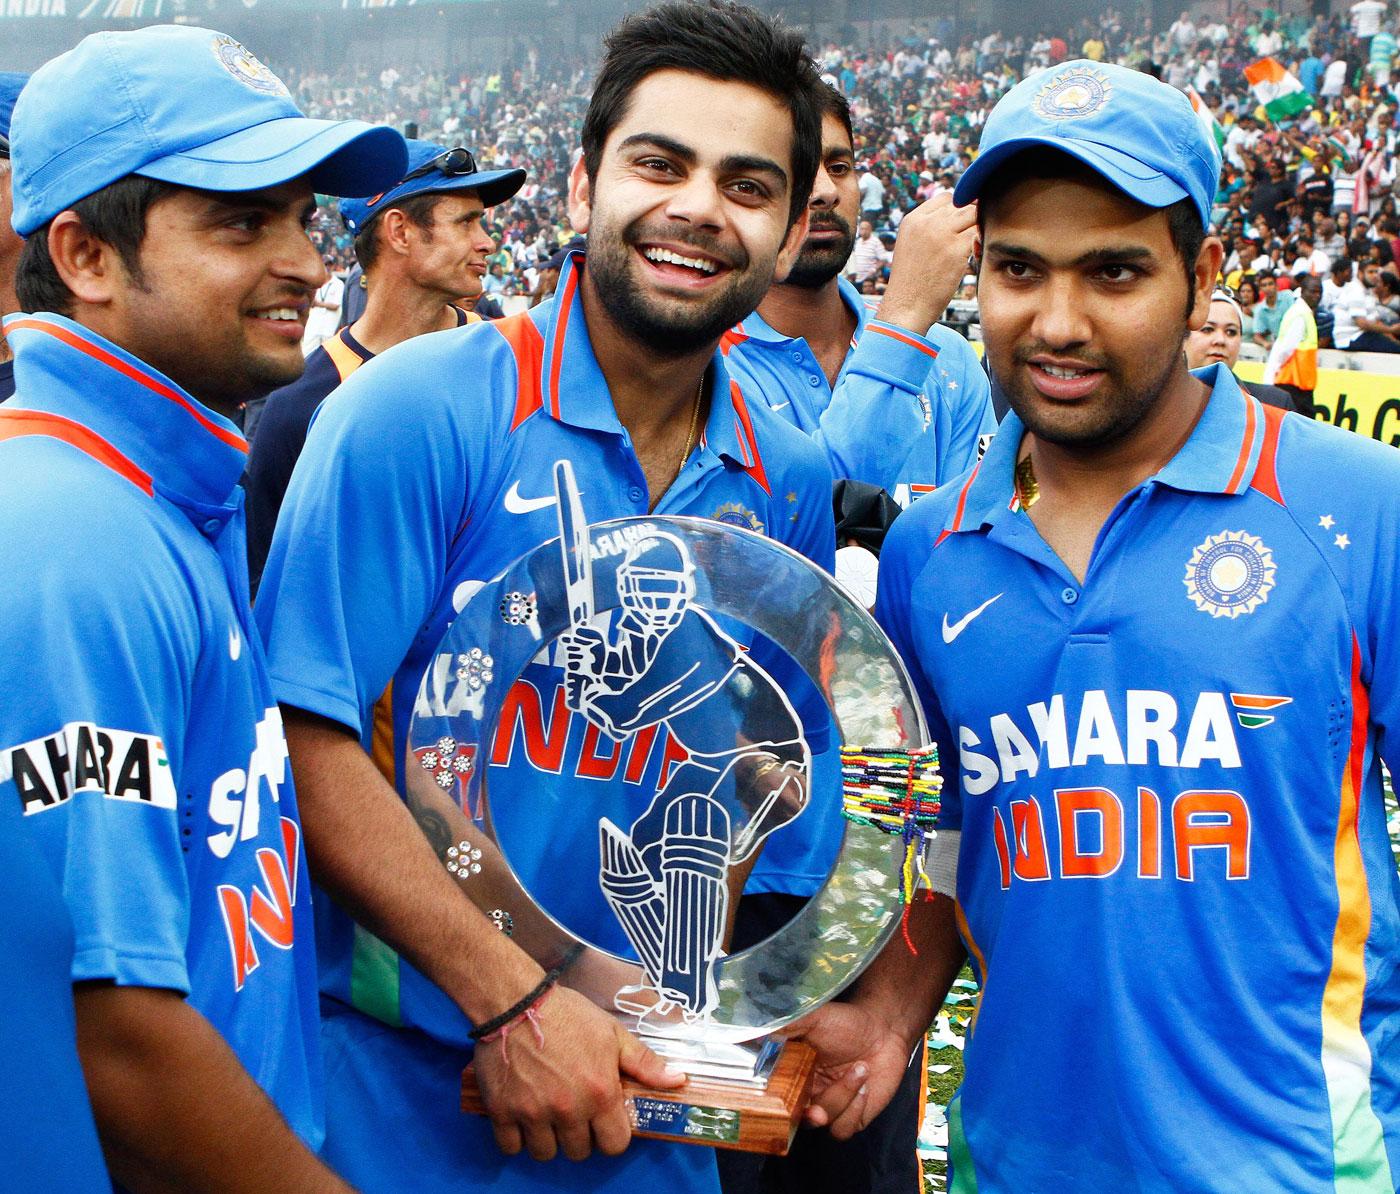 RECORD: टीम इंडिया की जीत में रोहित शर्मा का नाम दर्ज हुआ यह अनोखा कीर्तिमान, रैना और विराट के क्लब में हुए शामिल 11